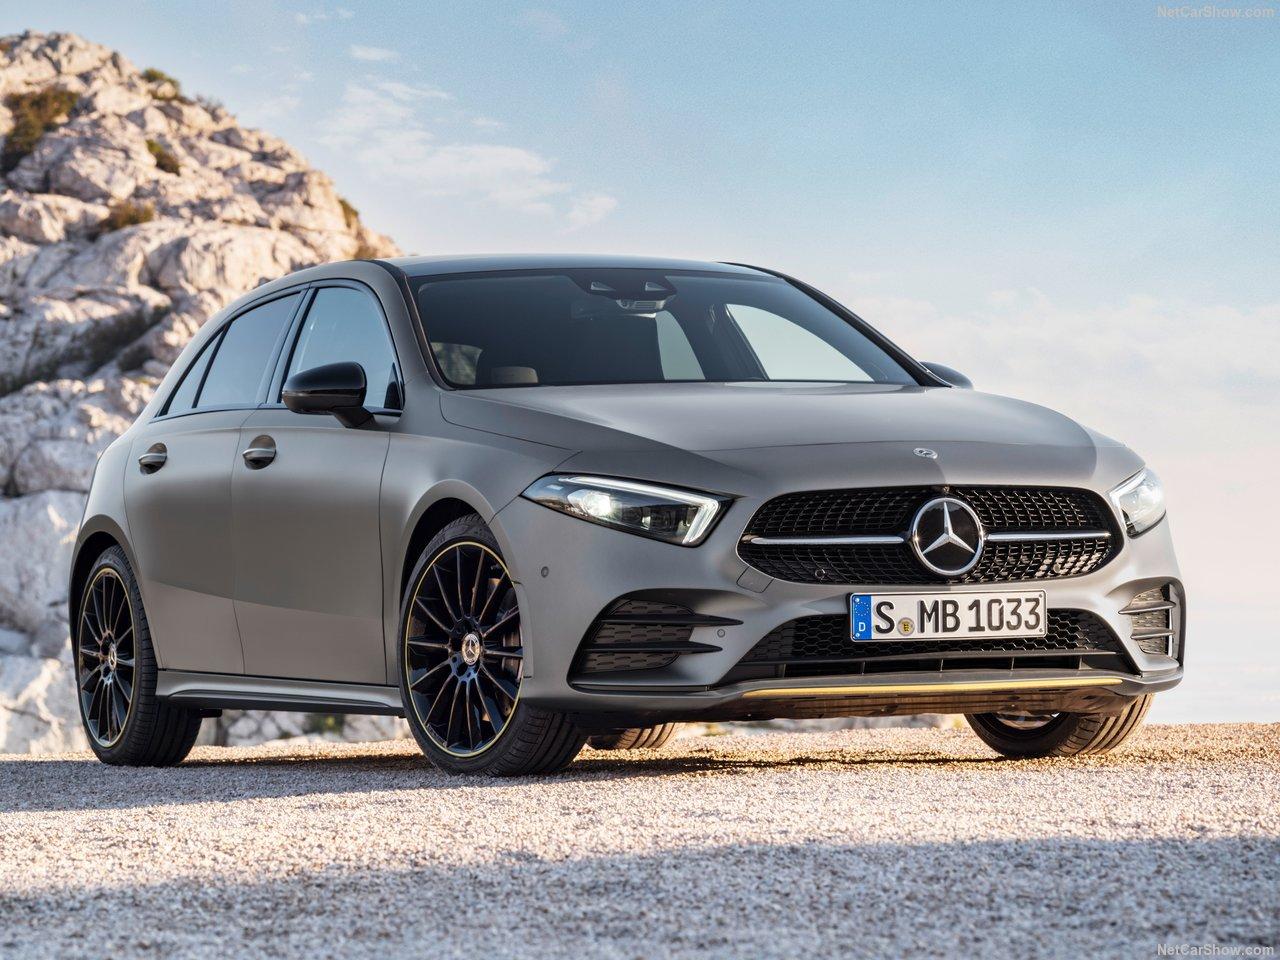 Mercedes-Benz-A-Class-2019-1280-01_20180405173943333.jpg